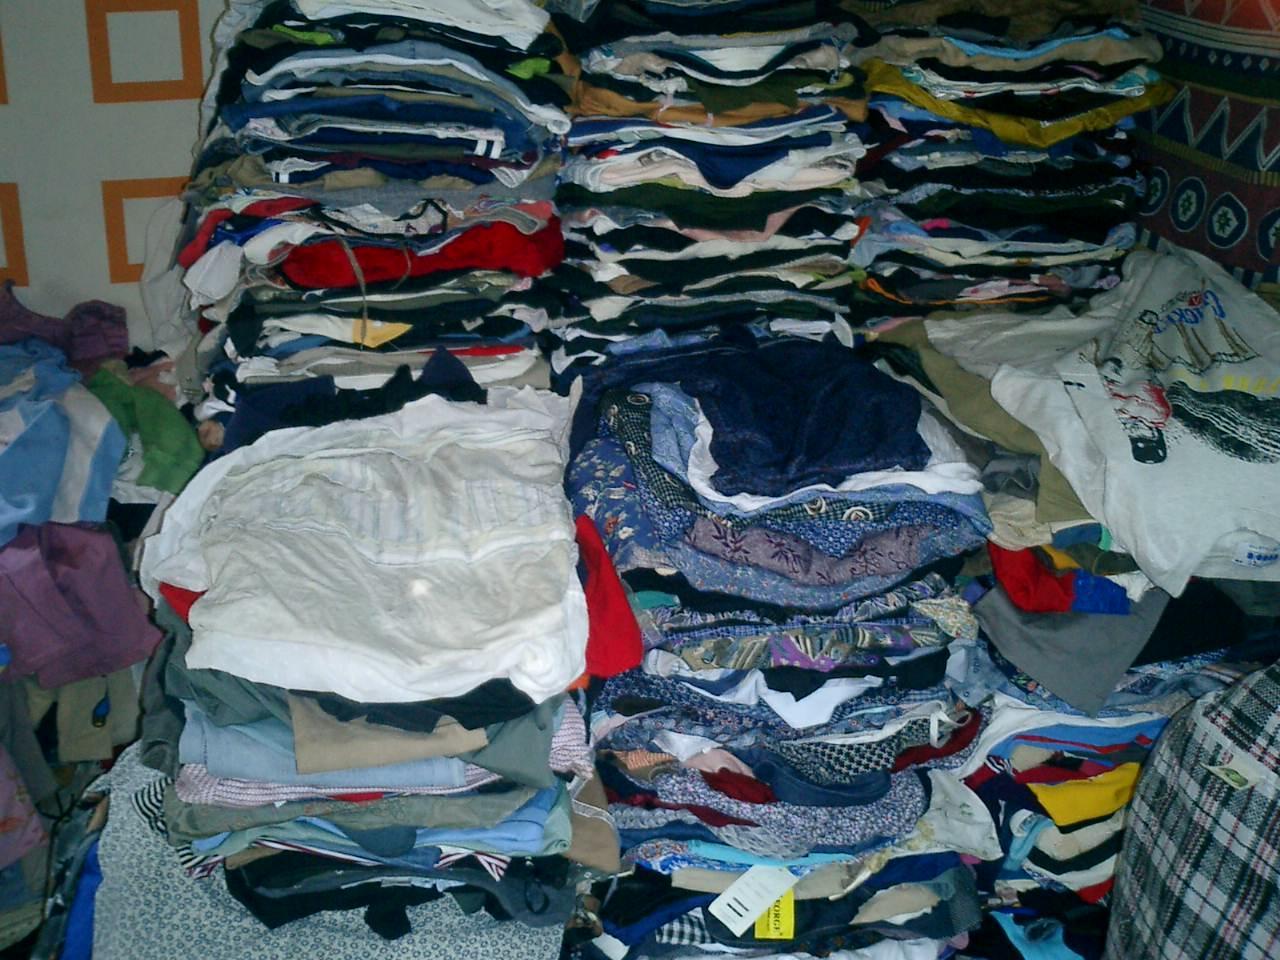 used clothes,used shoes,used bags, Used clothes,used shoes ...